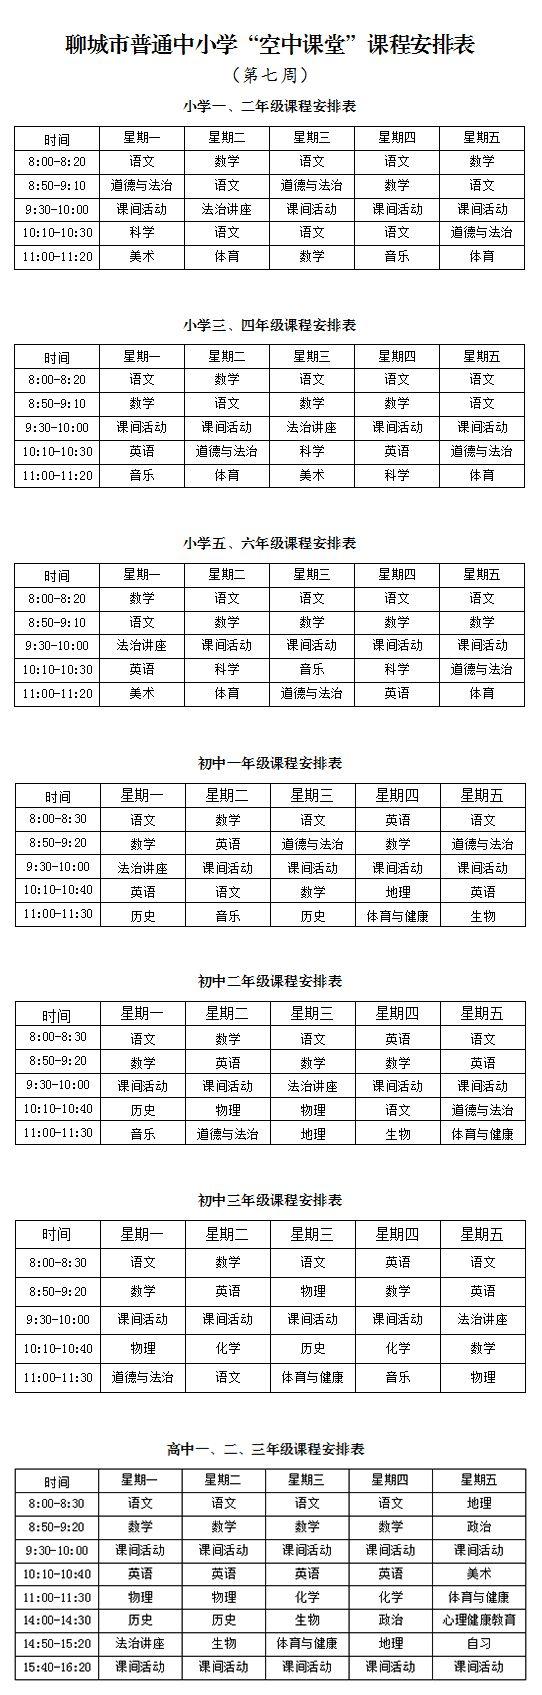 """山东聊城中小学""""空中课堂""""课程表第七周完整版公布(3月23日-27日)"""